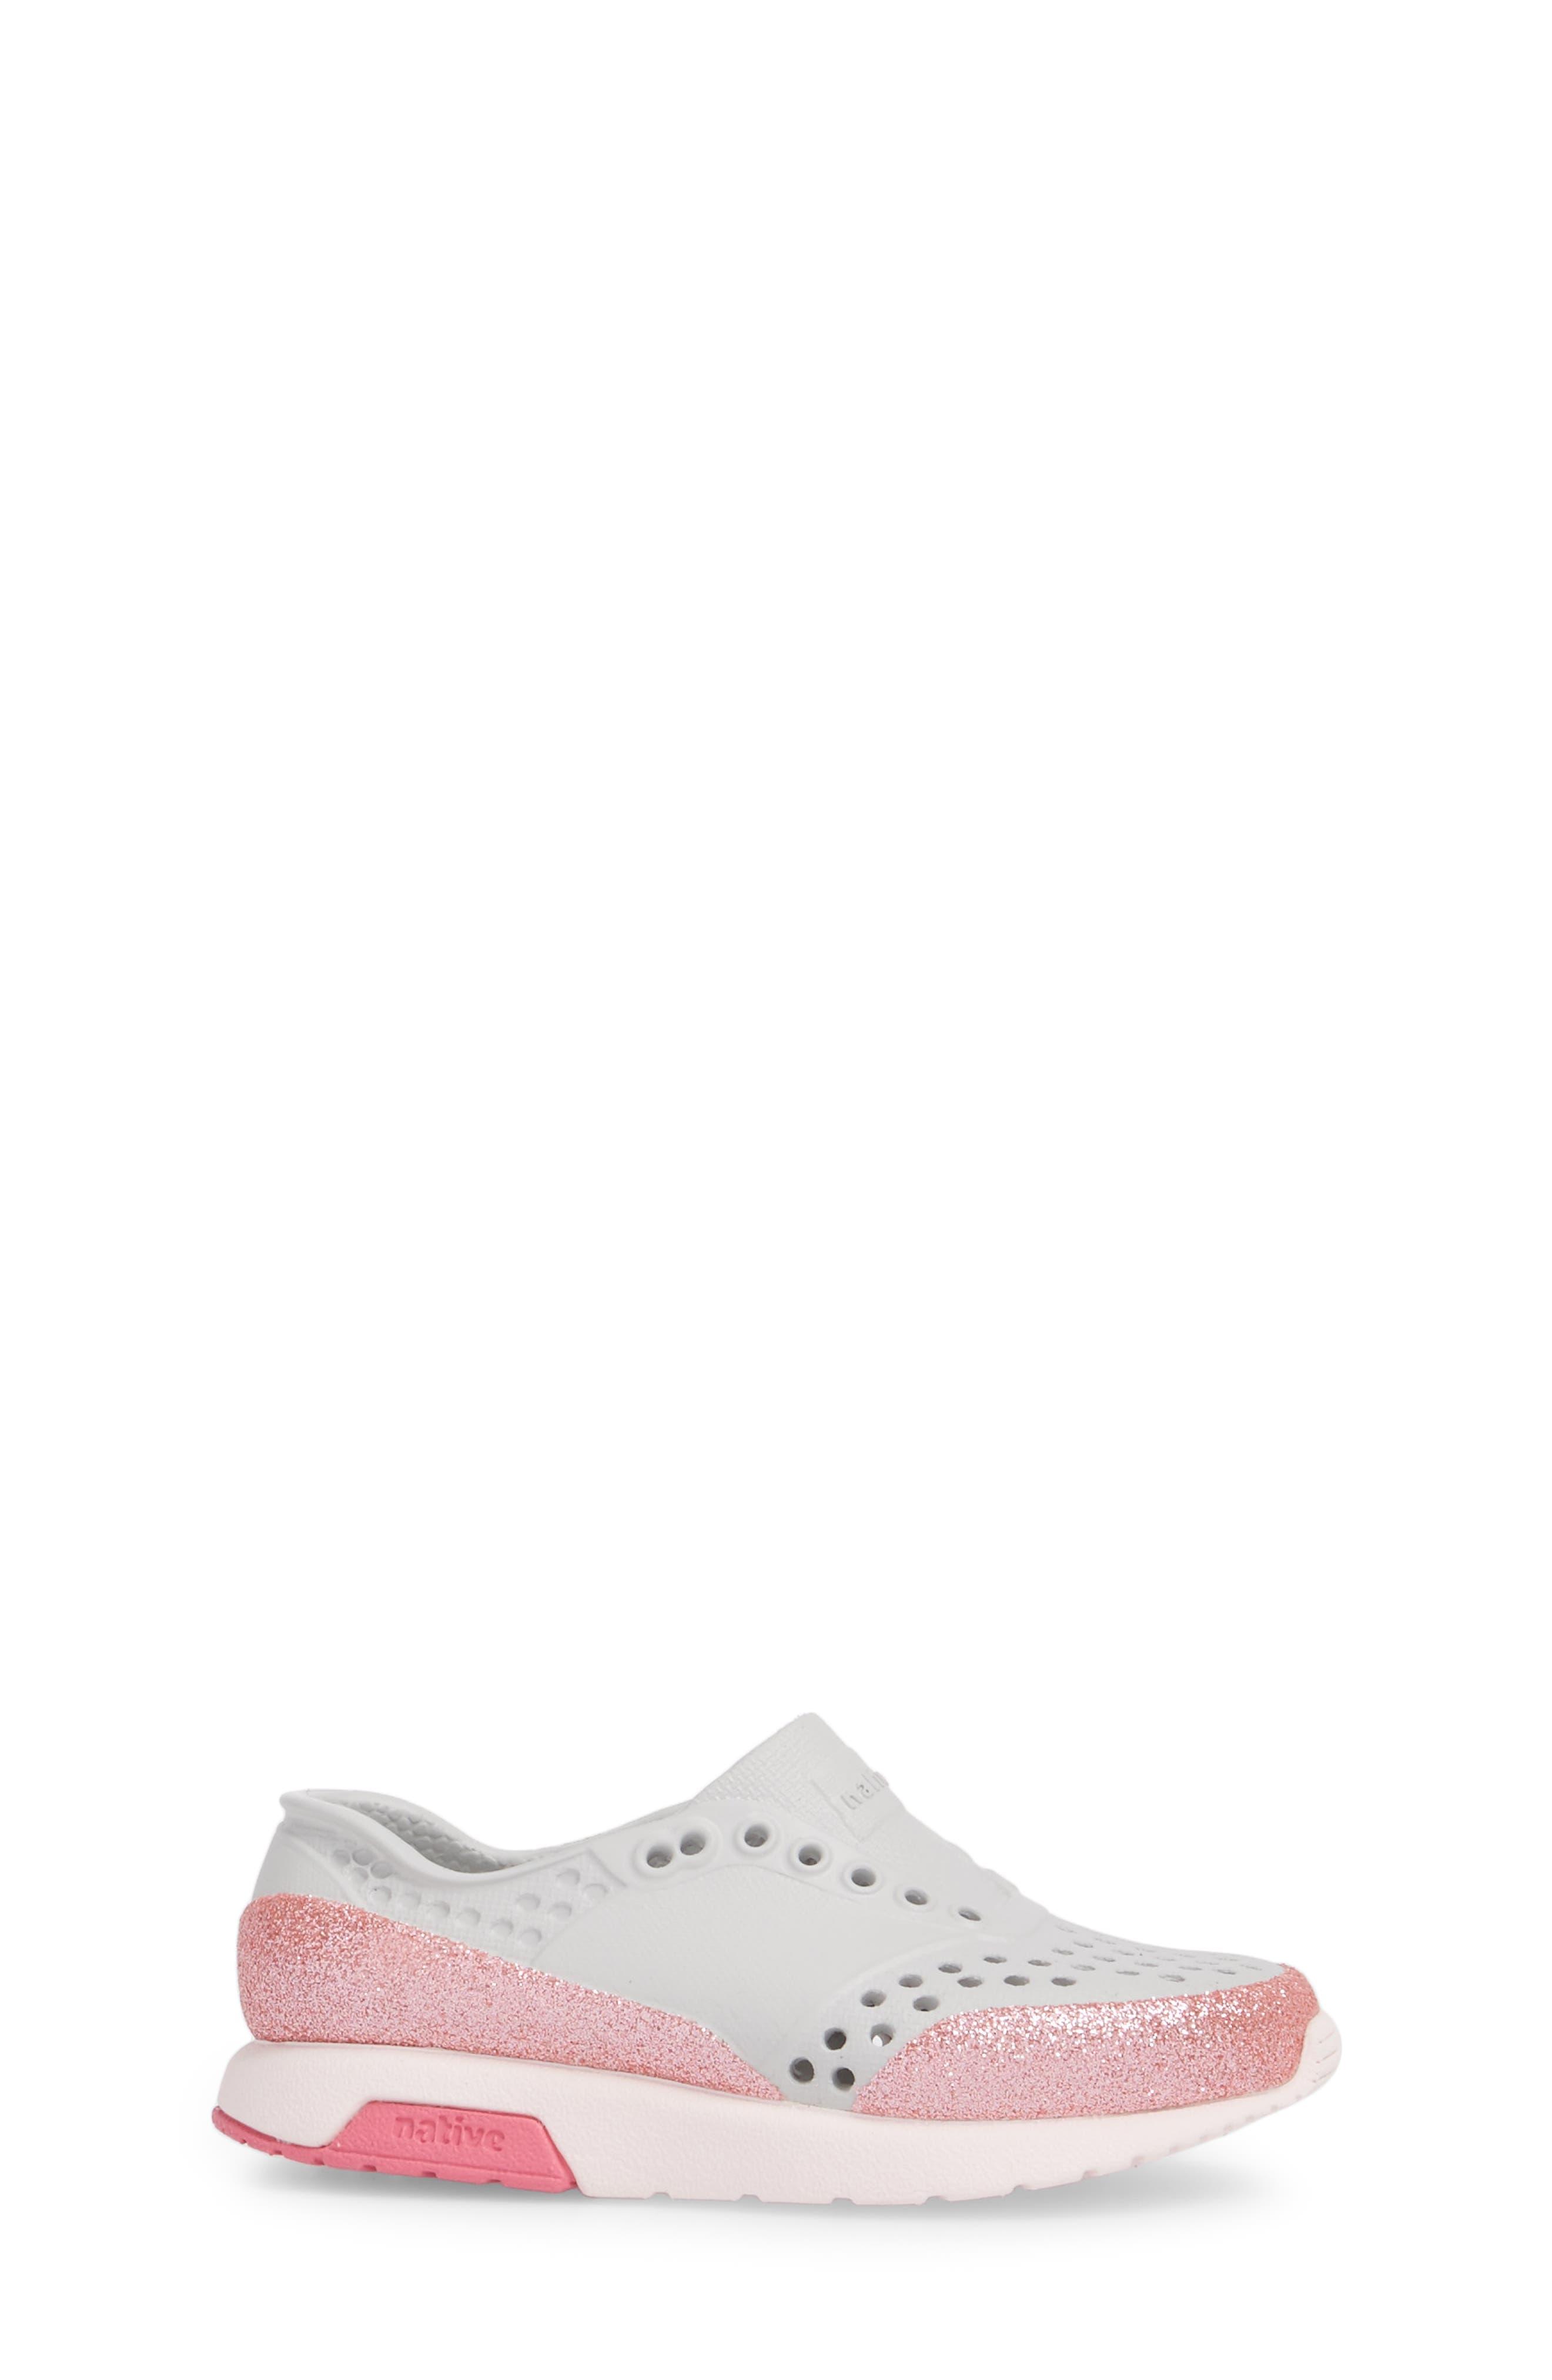 Lennox Glitter Slip-On Sneaker,                             Alternate thumbnail 3, color,                             Mist Grey/ Milk Pink/ Glitter